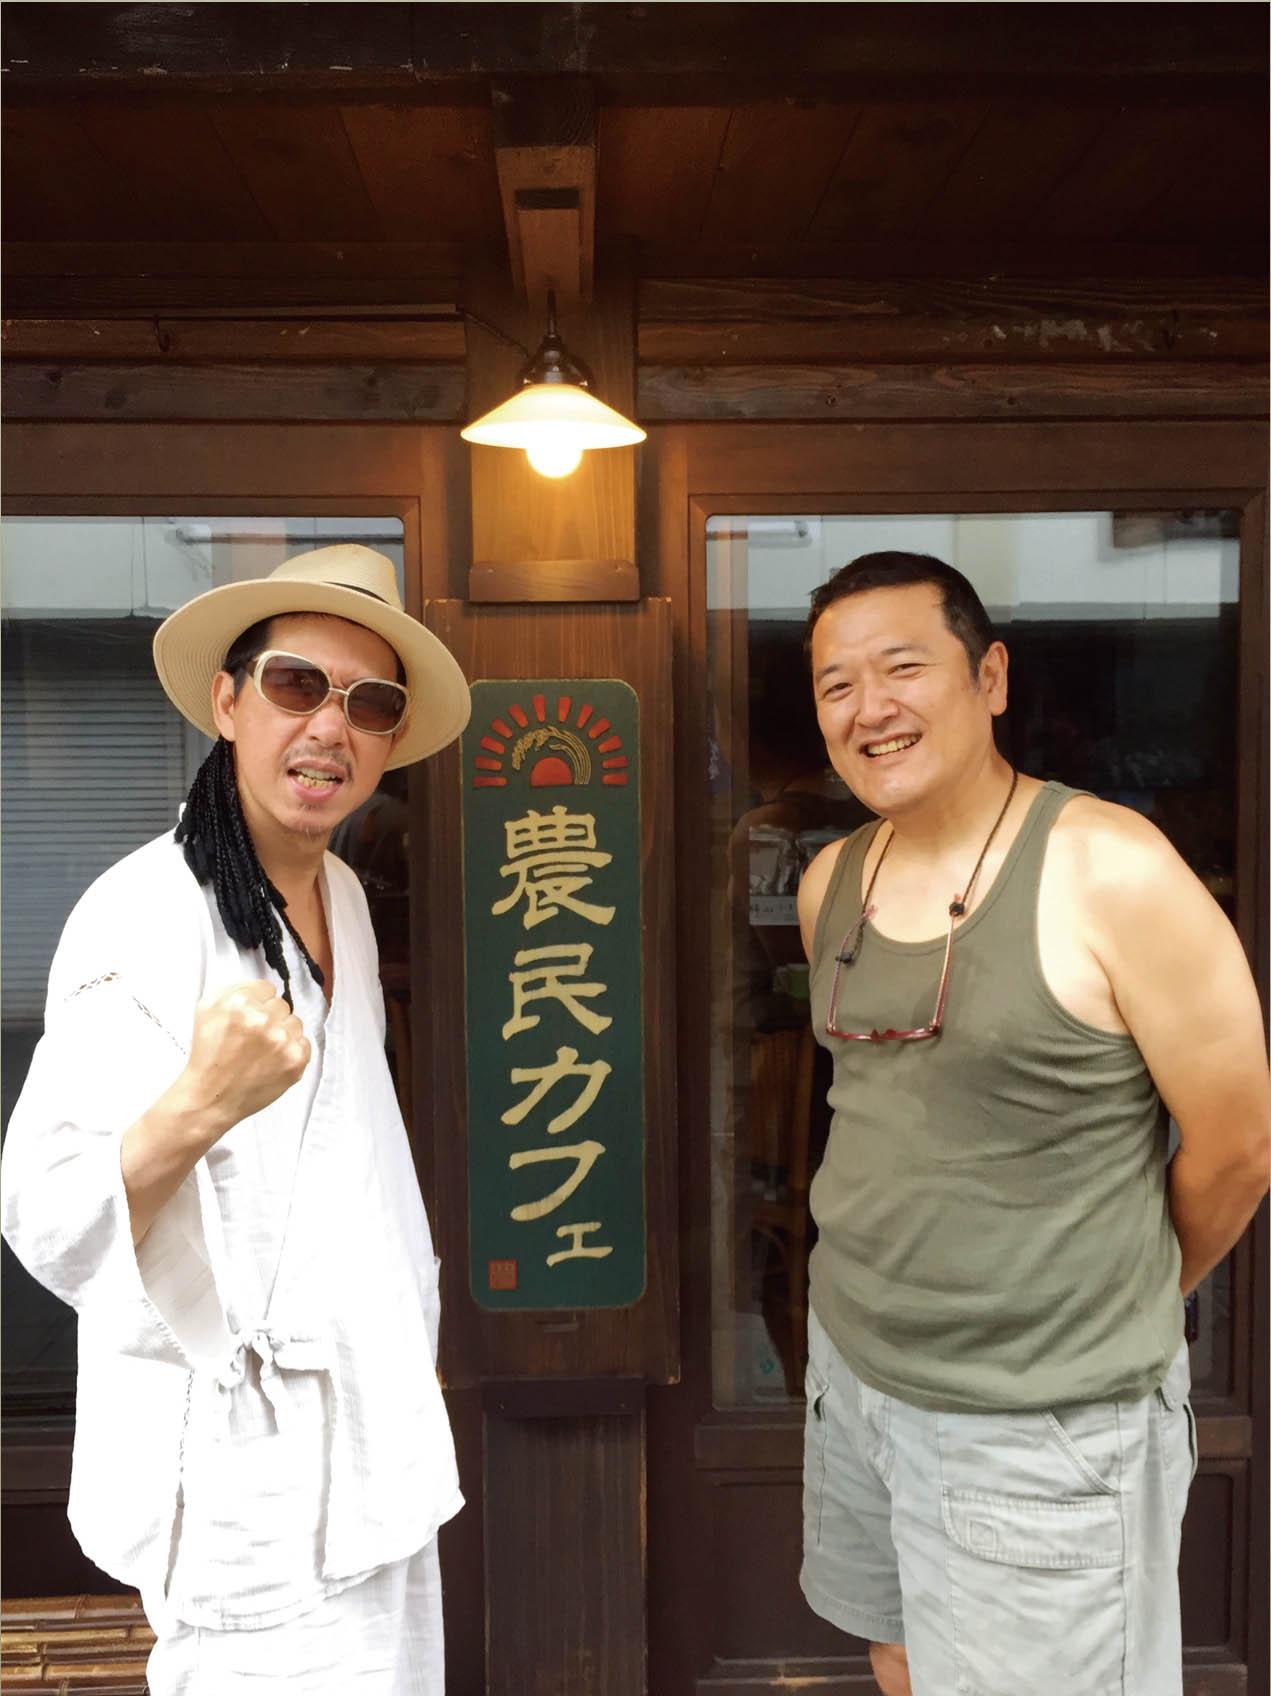 日本アースバッグ工法協会会長の中野ヒロさん(右)とAOZORA PROJECT代表・和気優(左)